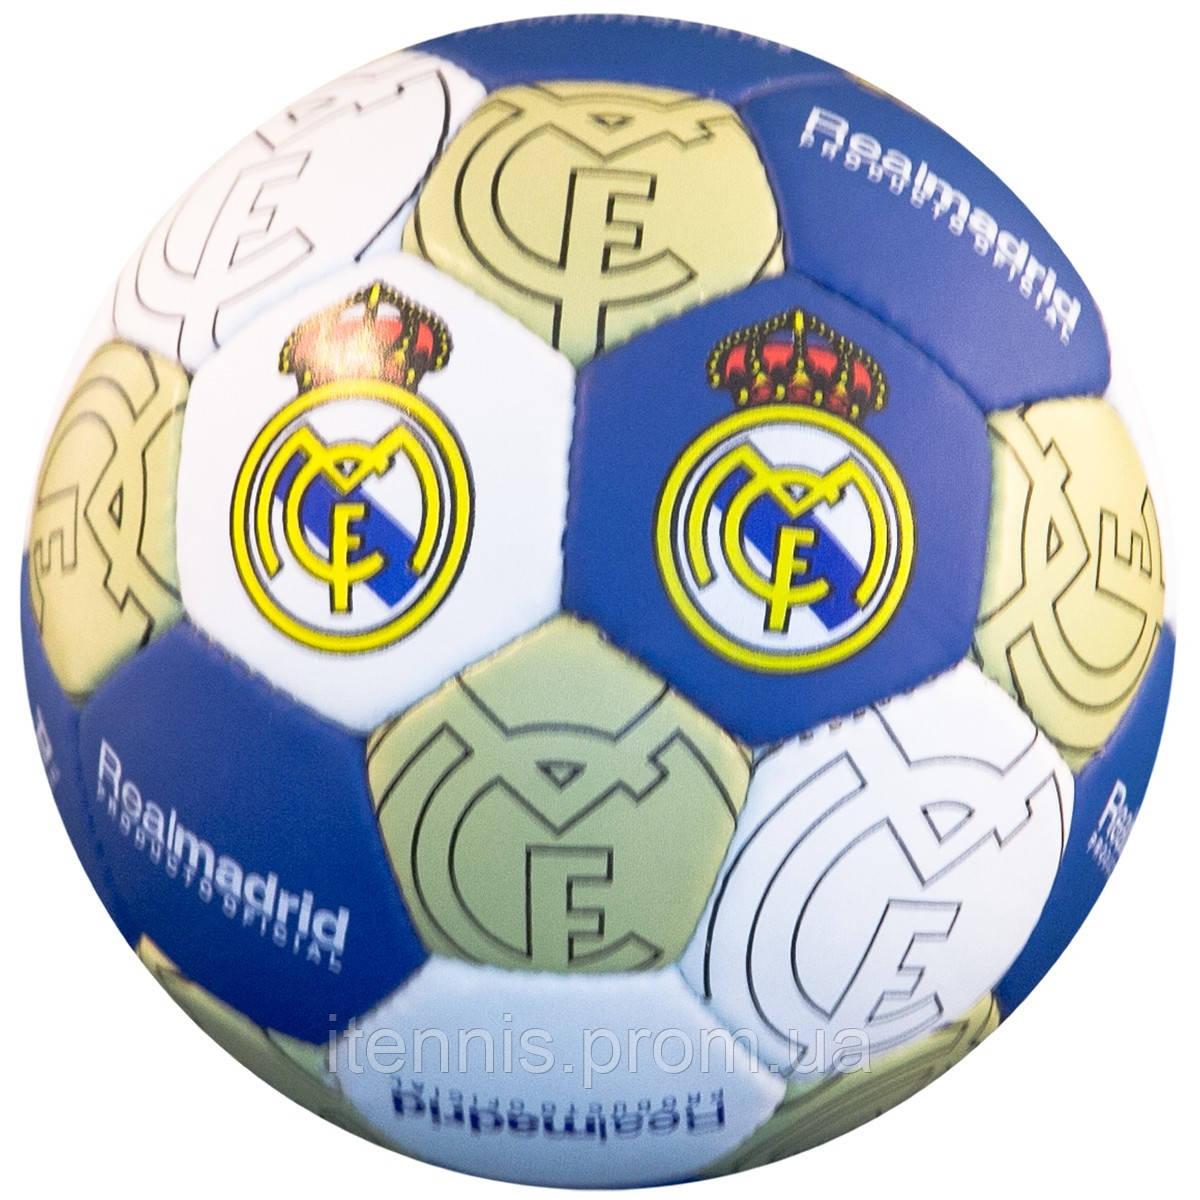 Футбольный мяч REAL MADRID 9234156baf23d